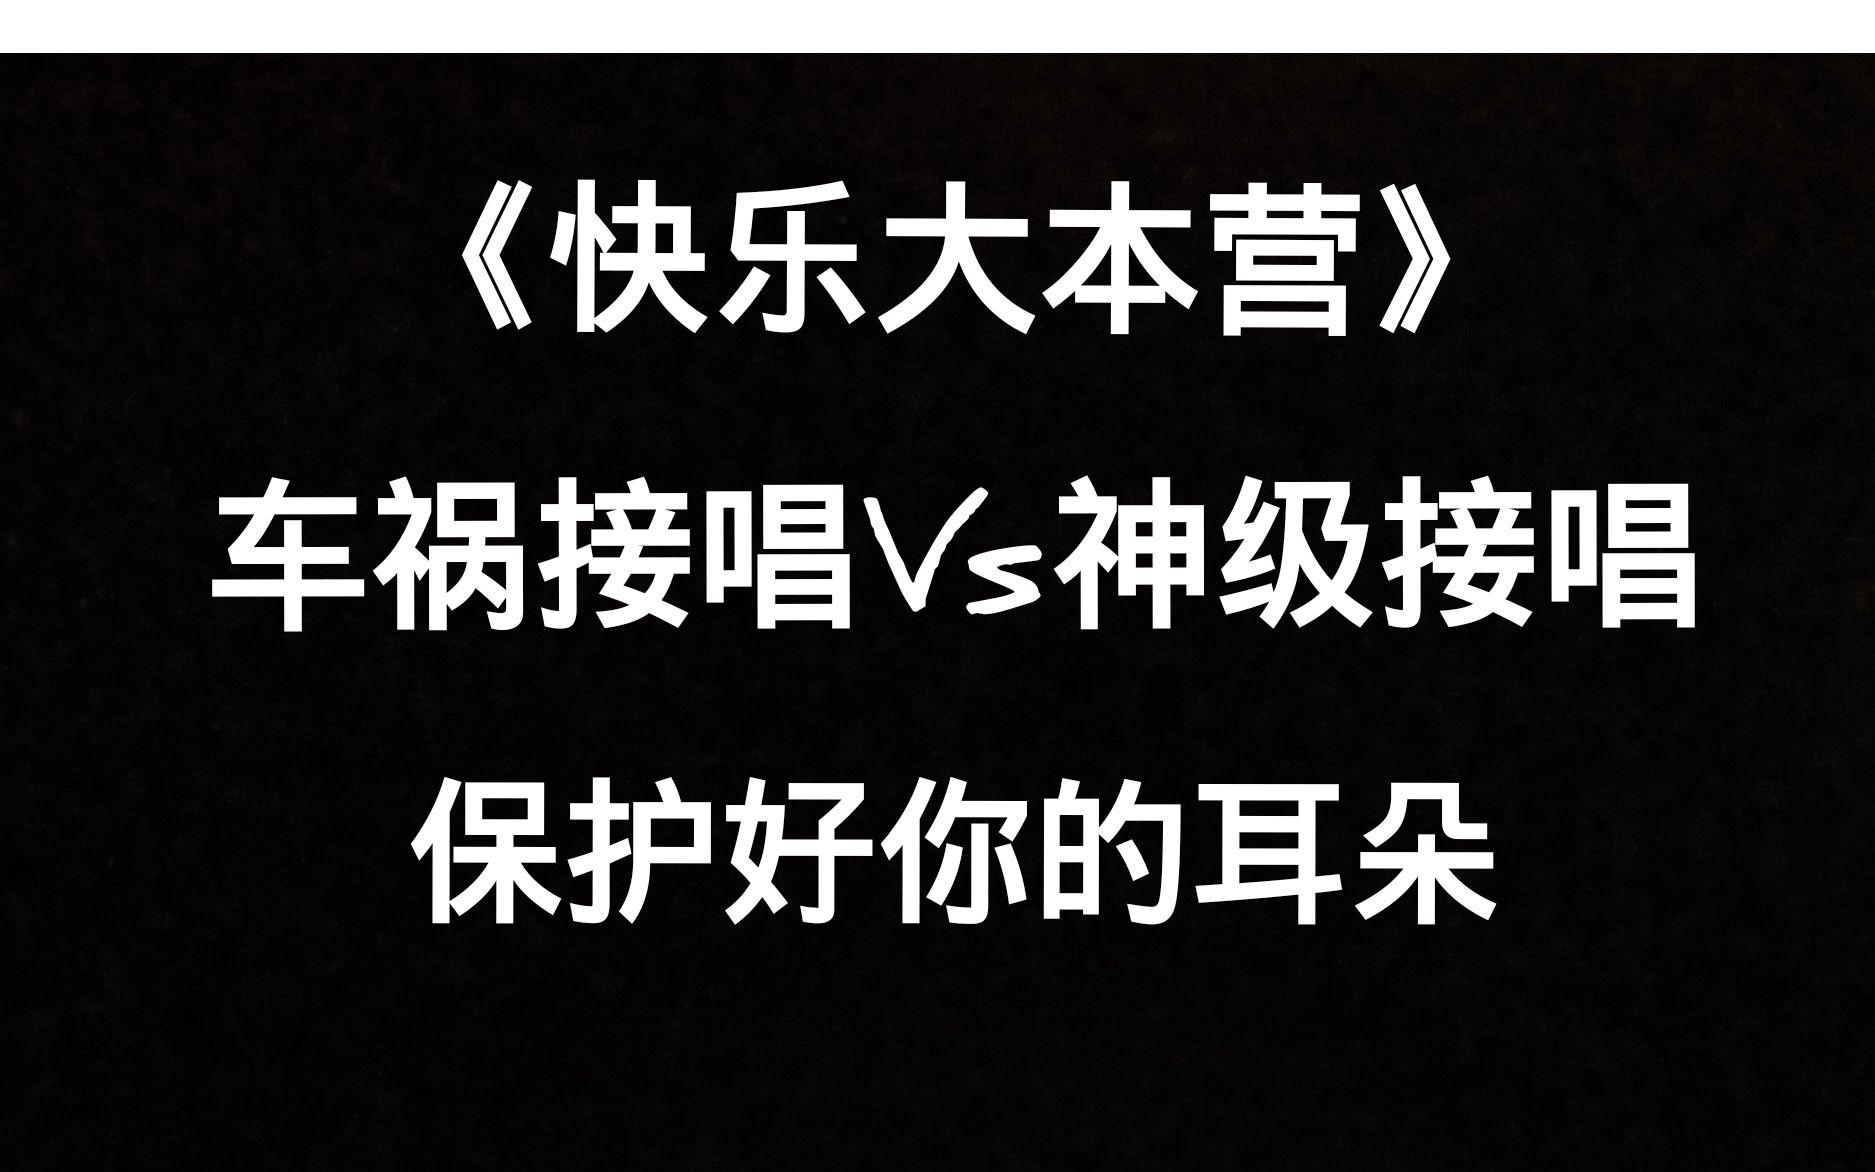 综艺名场面: 车祸接唱VS灵魂歌手, 没有对比就没有伤害!